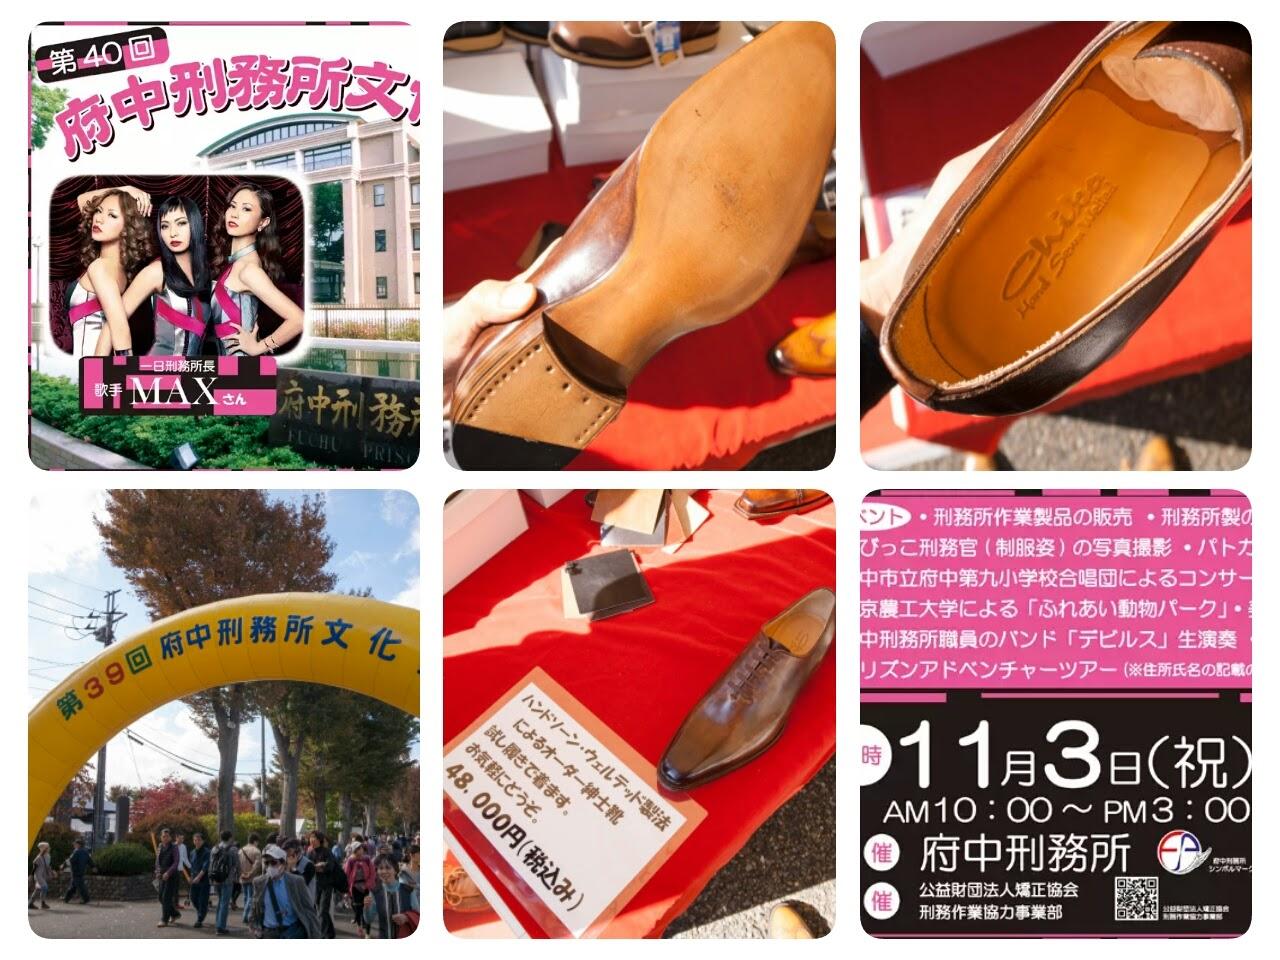 [1047-201510] 第40回府中刑務所文化祭は今年も11月3日。謹製靴をオーダーする方に気をつけておいてほしいこと。